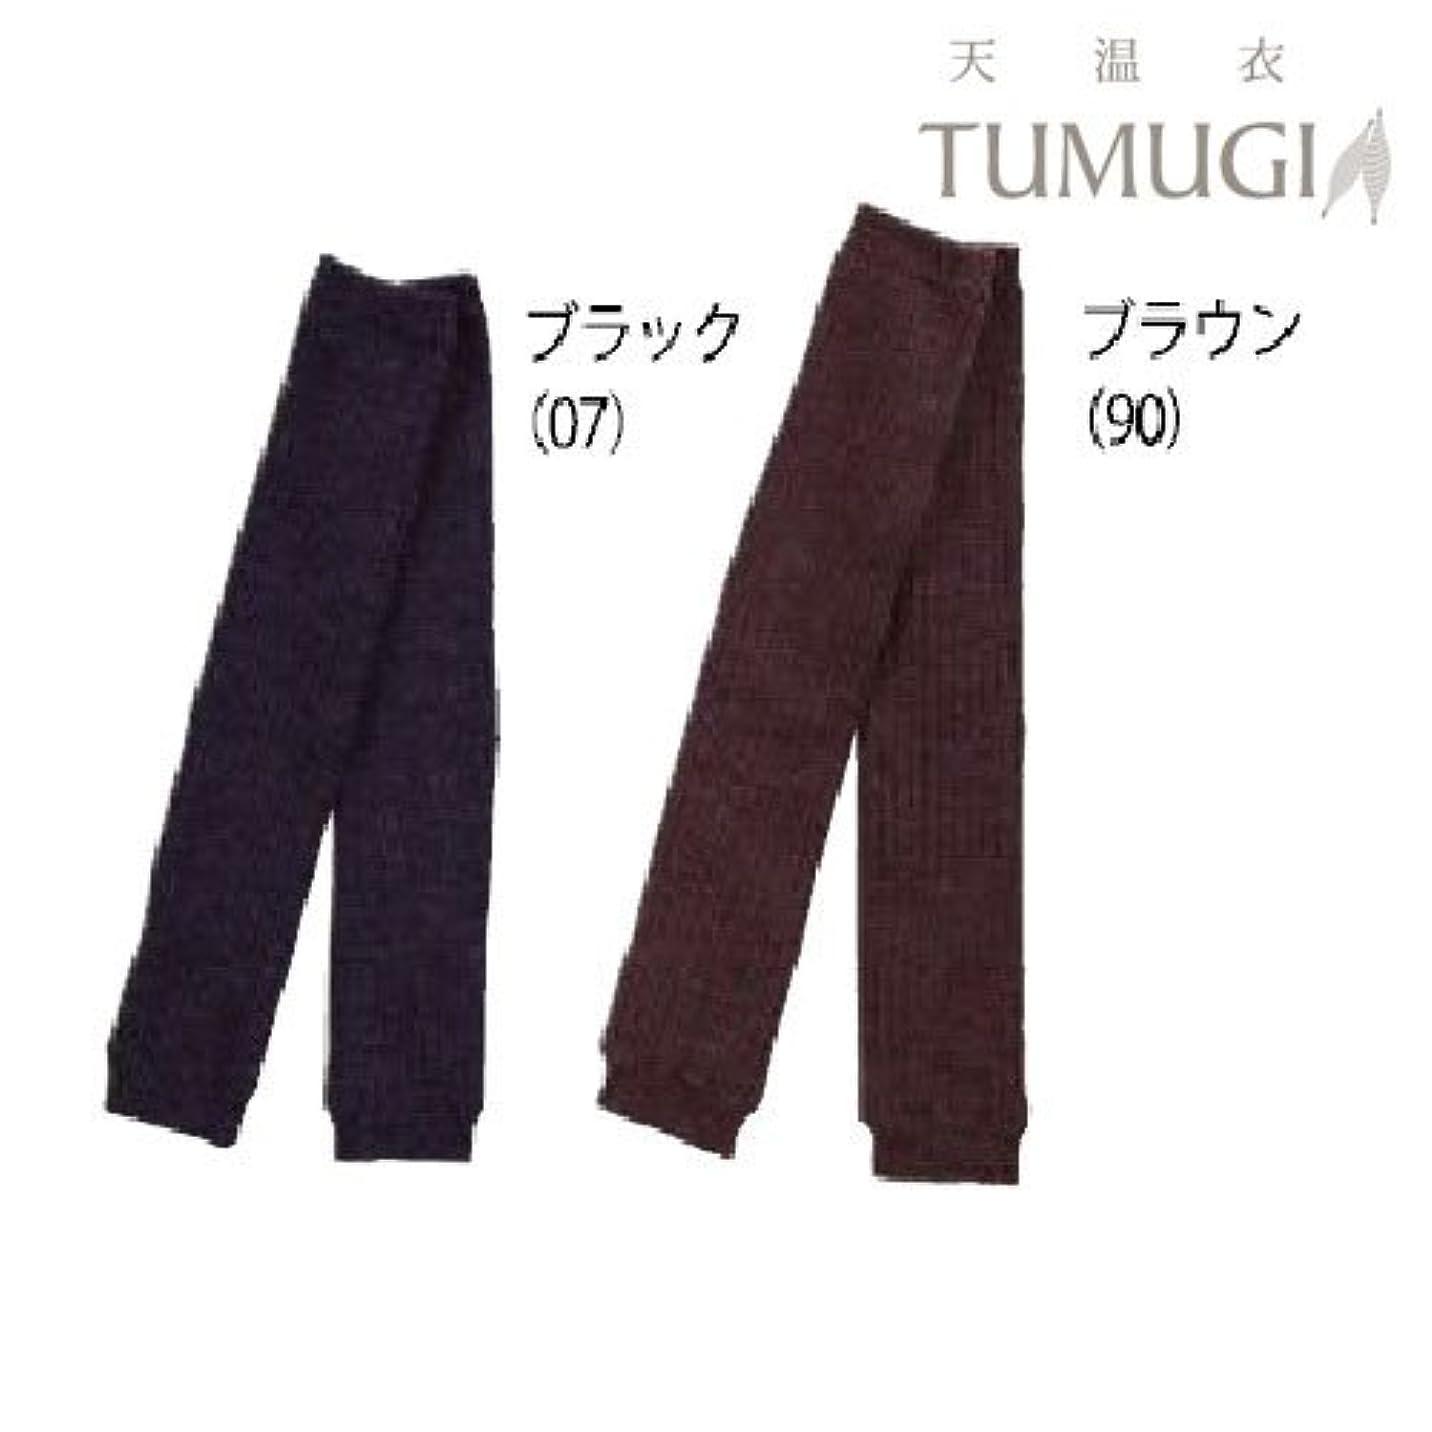 アカウントメアリアンジョーンズ独立天温衣TUMUGI  ウールとシルクの2重編みレッグウォーマー (ブラウン(茶))